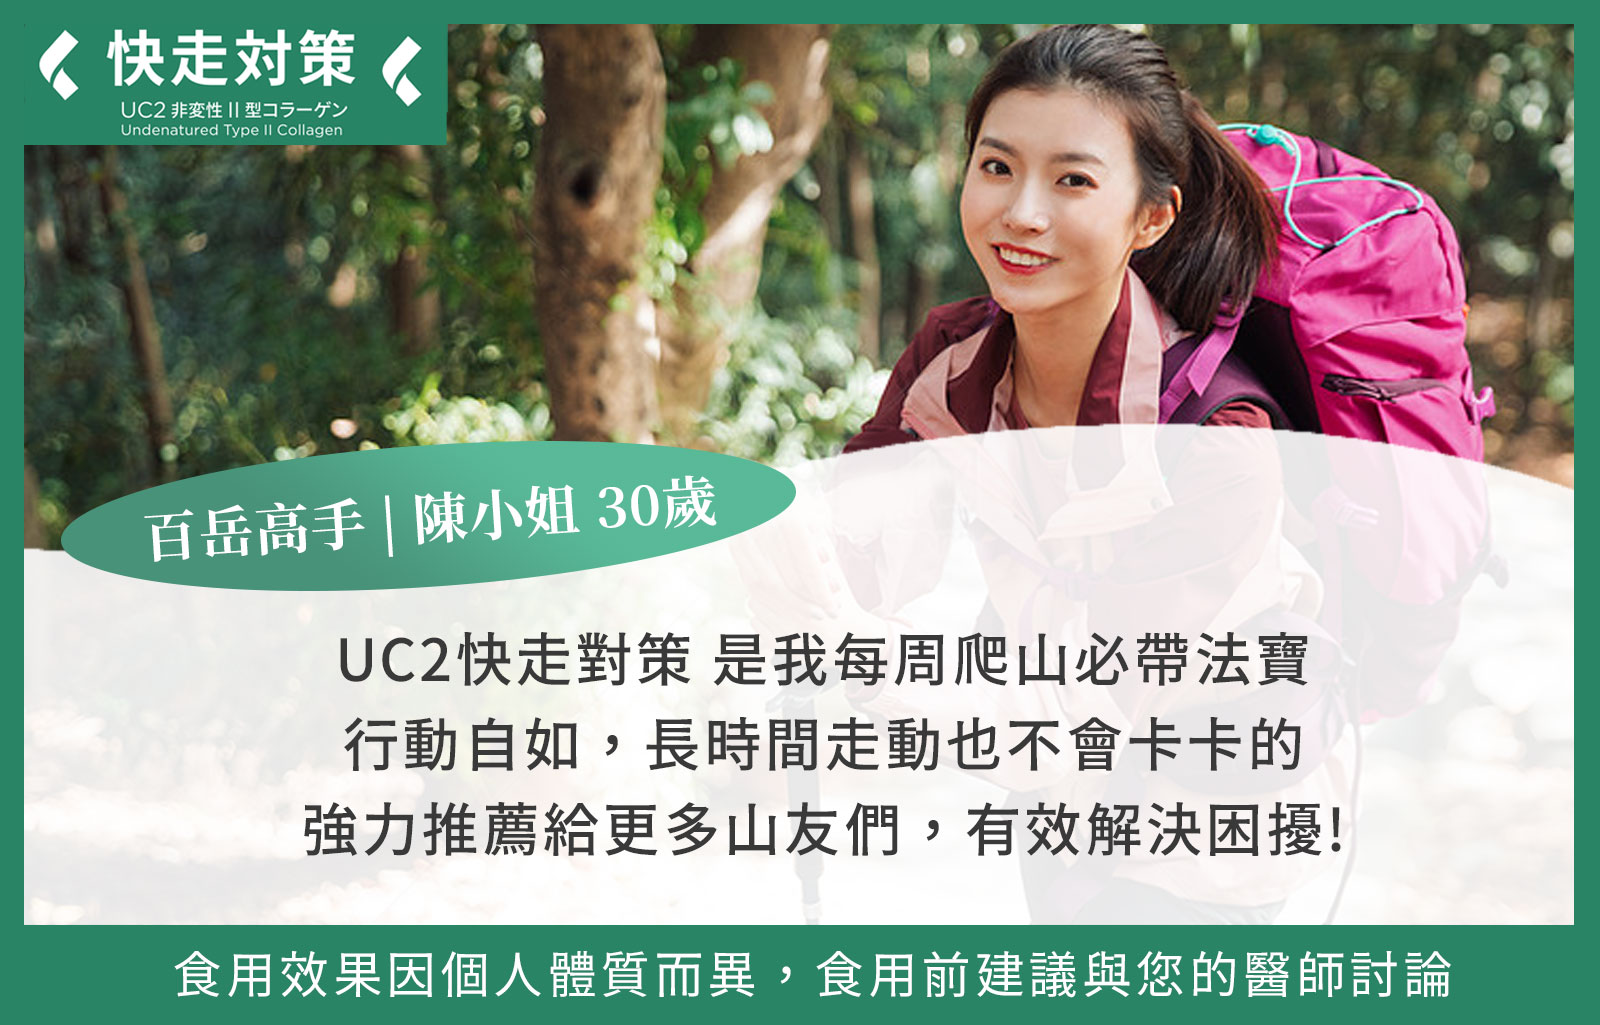 UC快走對策-30歲百岳高手-陳小姐 吃UC2快走對策 關節不再卡卡推薦給山友們